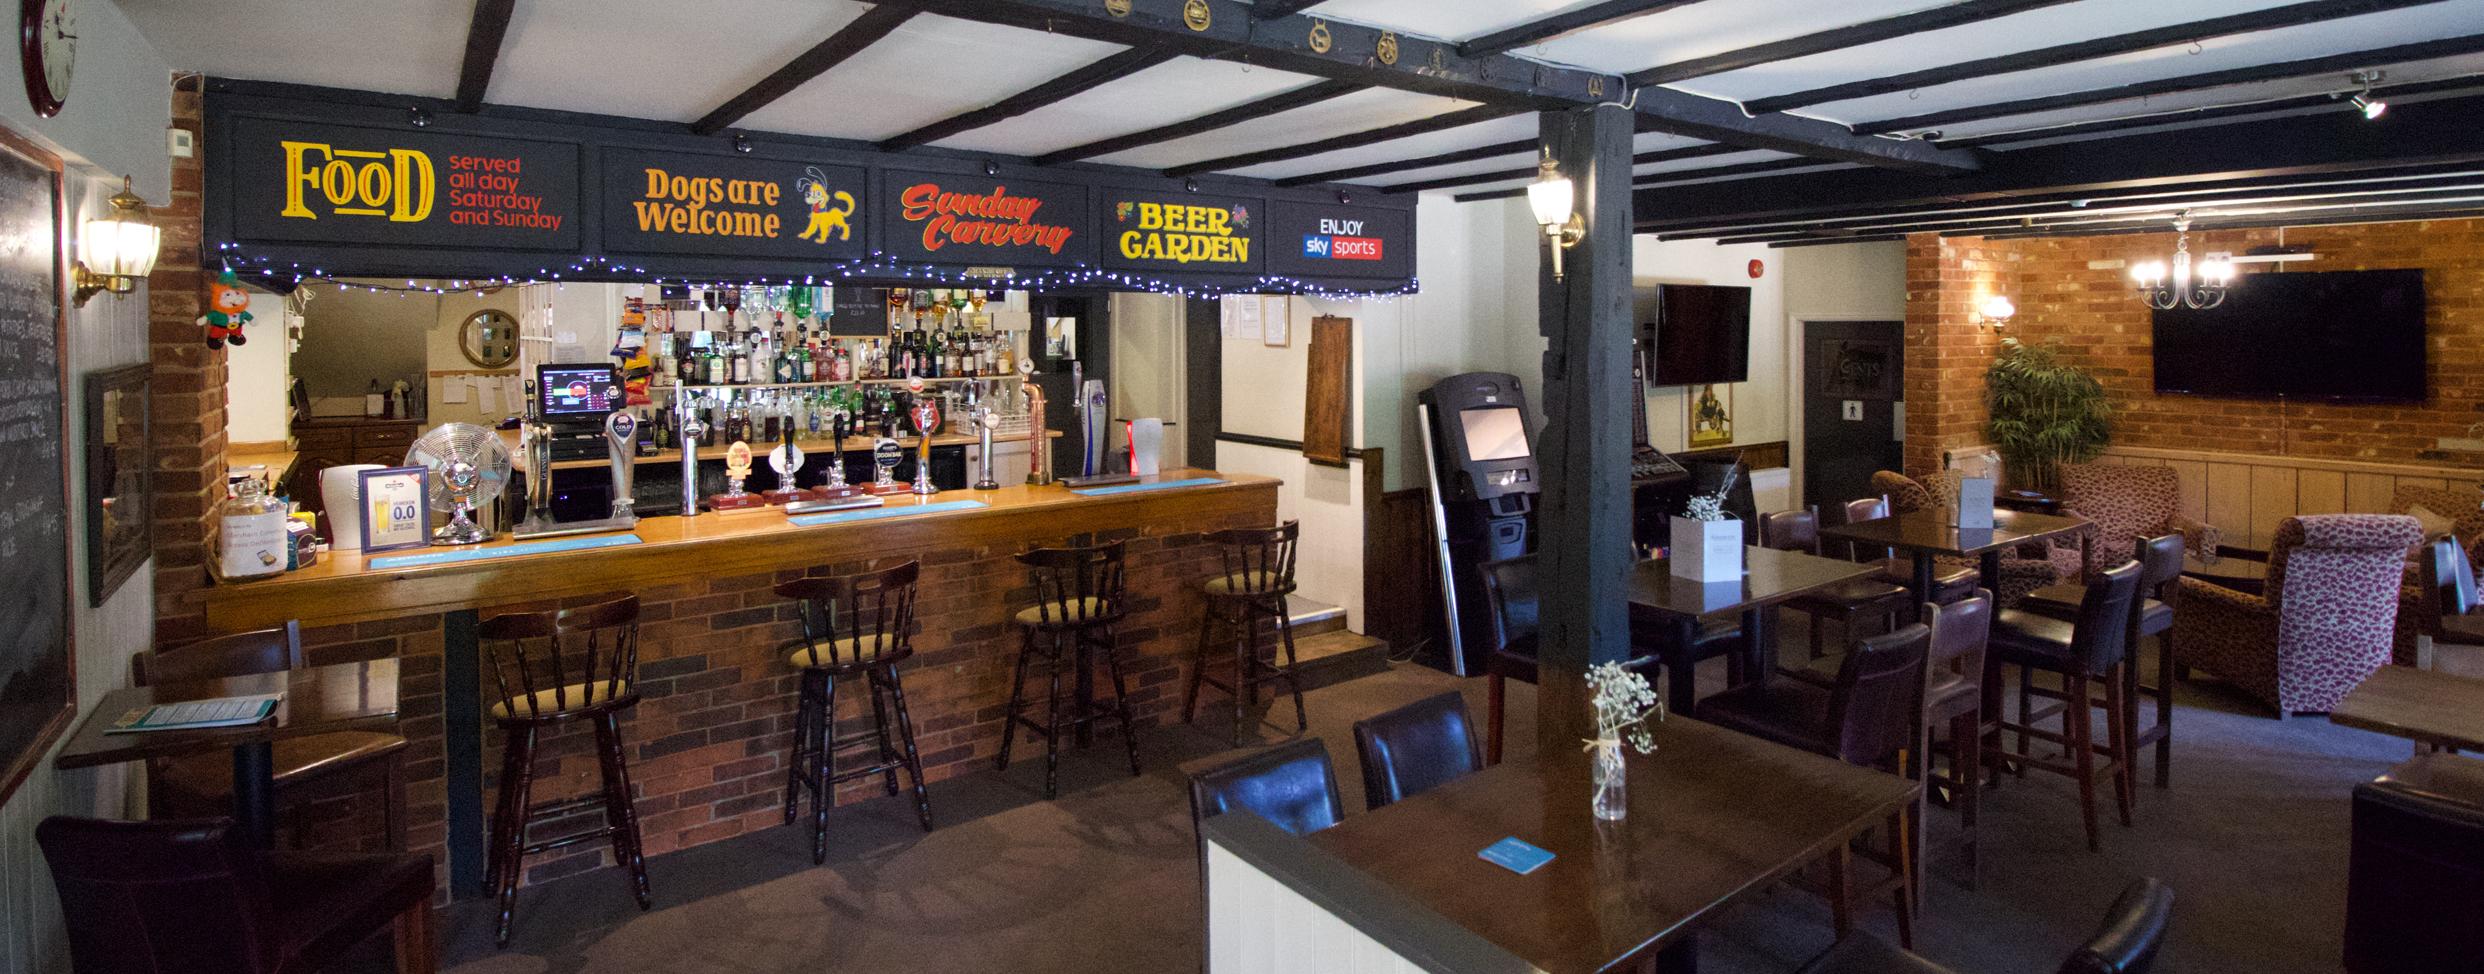 The Plough Inn Bar, Restaurant & Accommodation // Interior shot of the Plough Inn Bar // Home slider